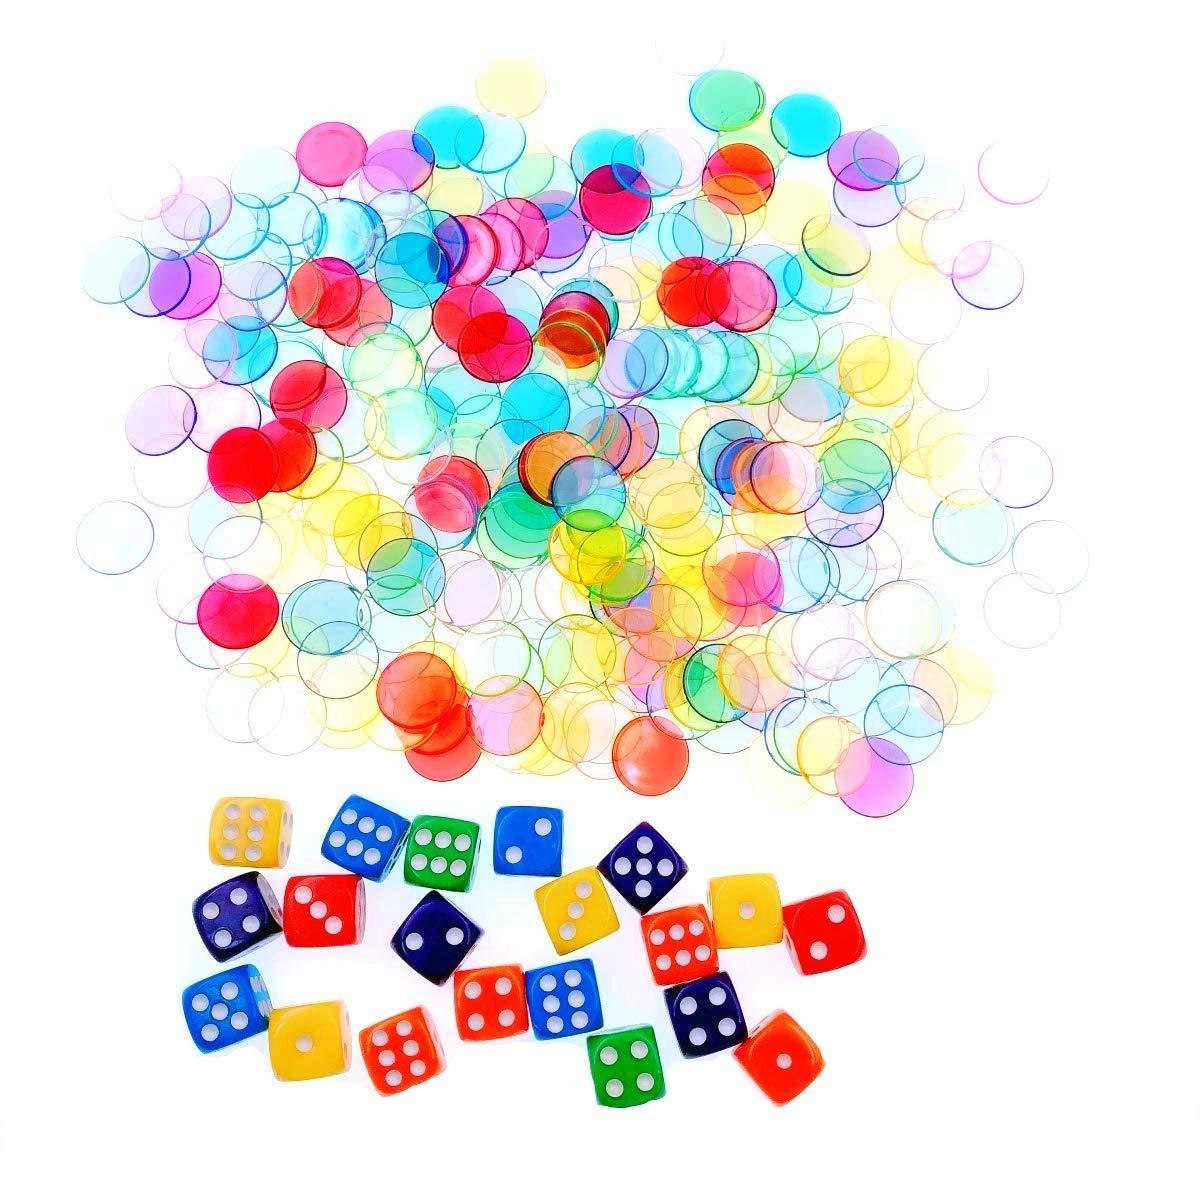 JZK 300x Multicolore Plastique Transparent Jetons de Jeu 19mm + 20x Spot Dice, Marqueurs de jetons de Bingo pour Jeu de Bingo